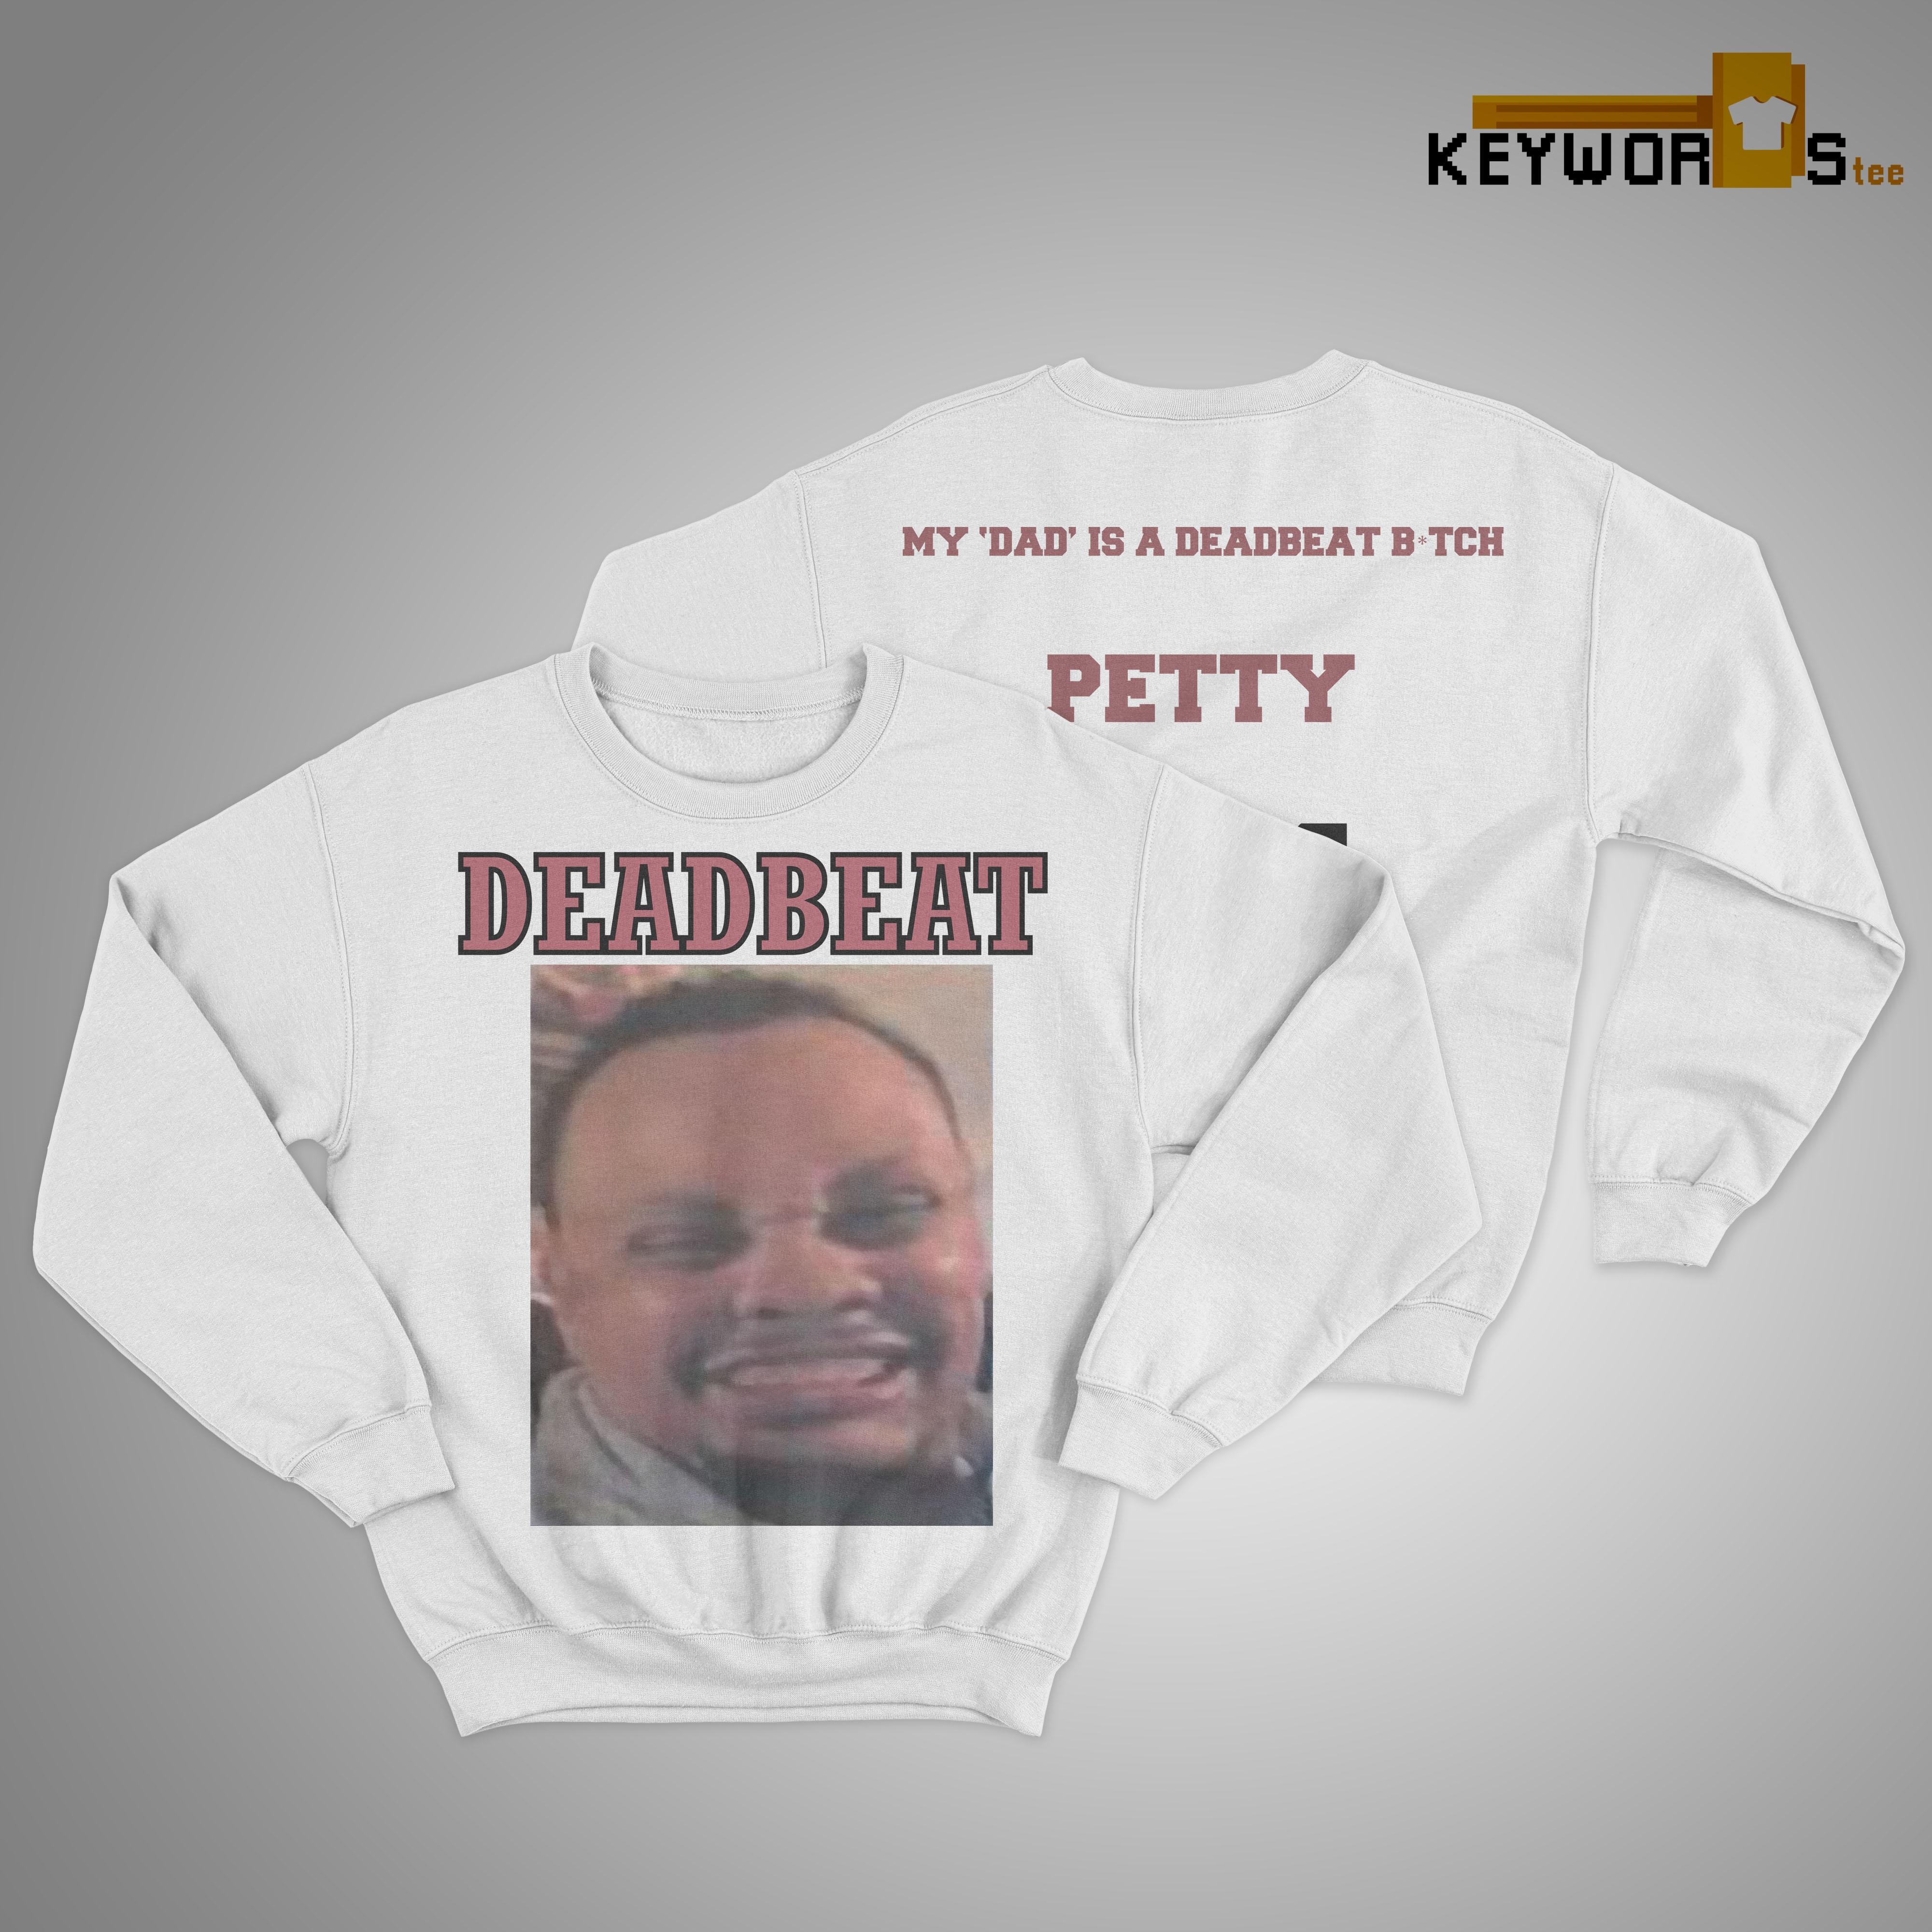 Deadbeat My Dad Is A Deadbeat Bitch Petty #1 Sweater